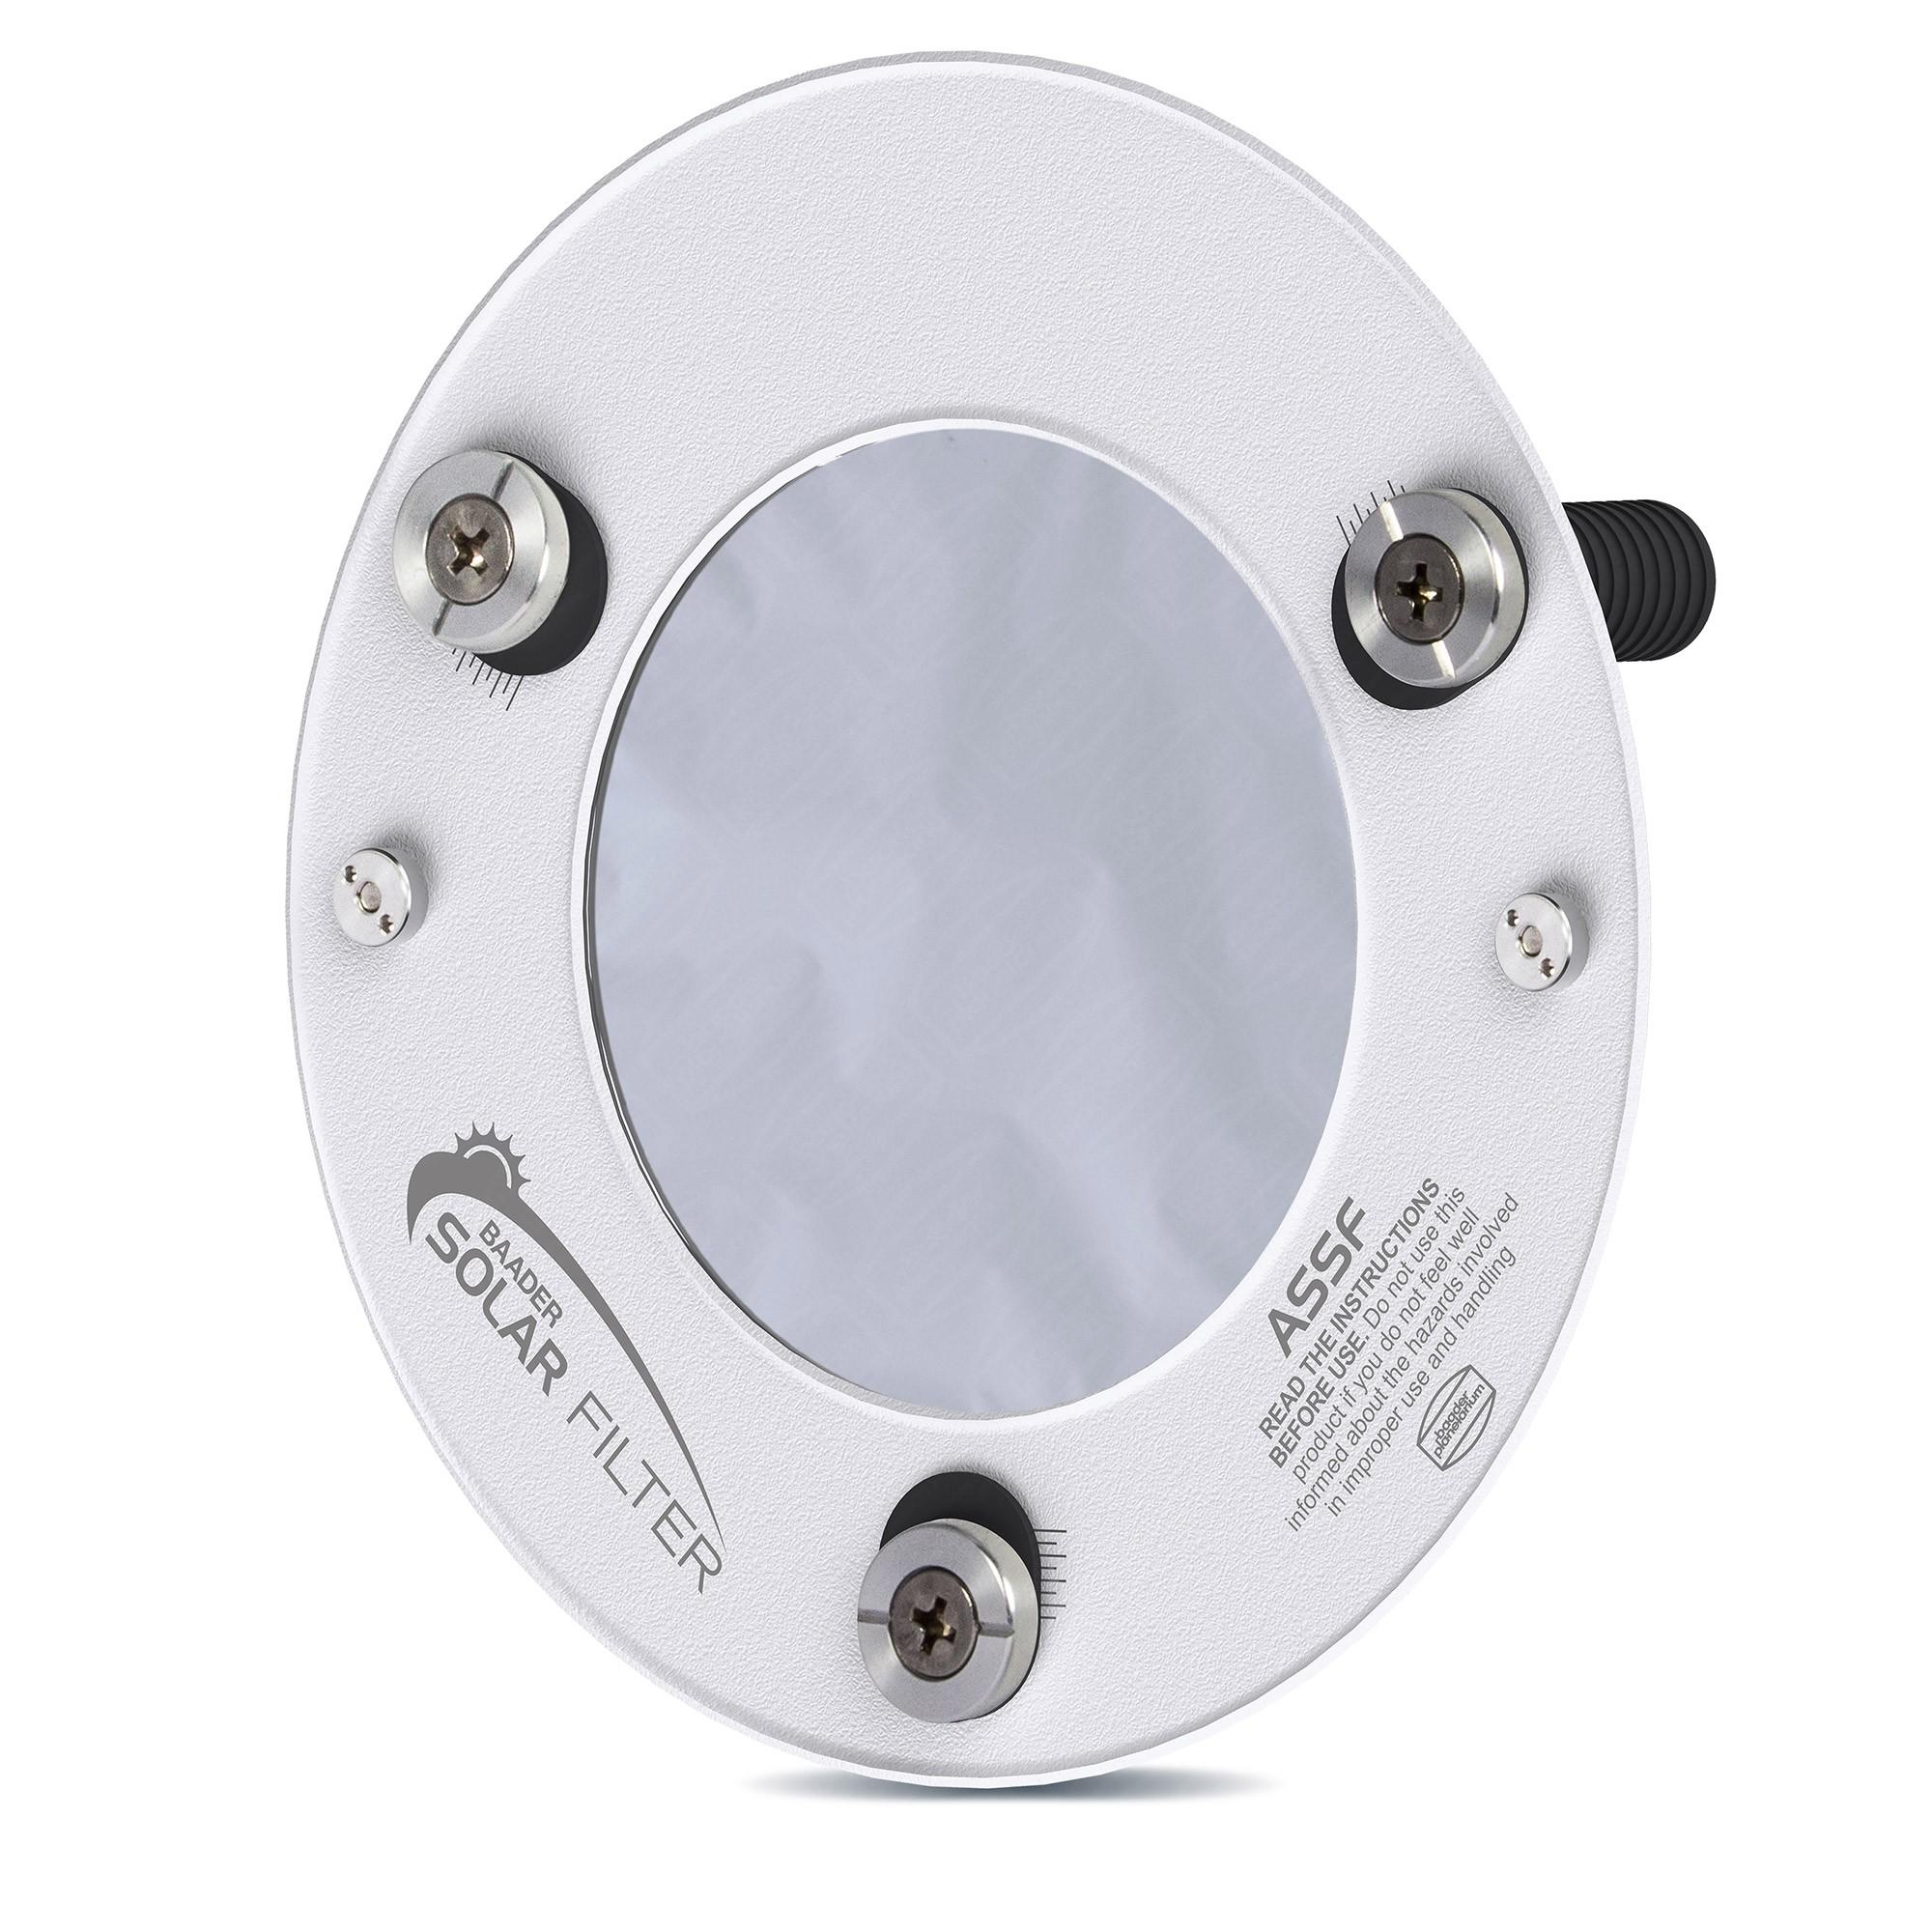 ASSF: AstroSolar Spektiv Filter OD 5.0 (50mm - 150mm)